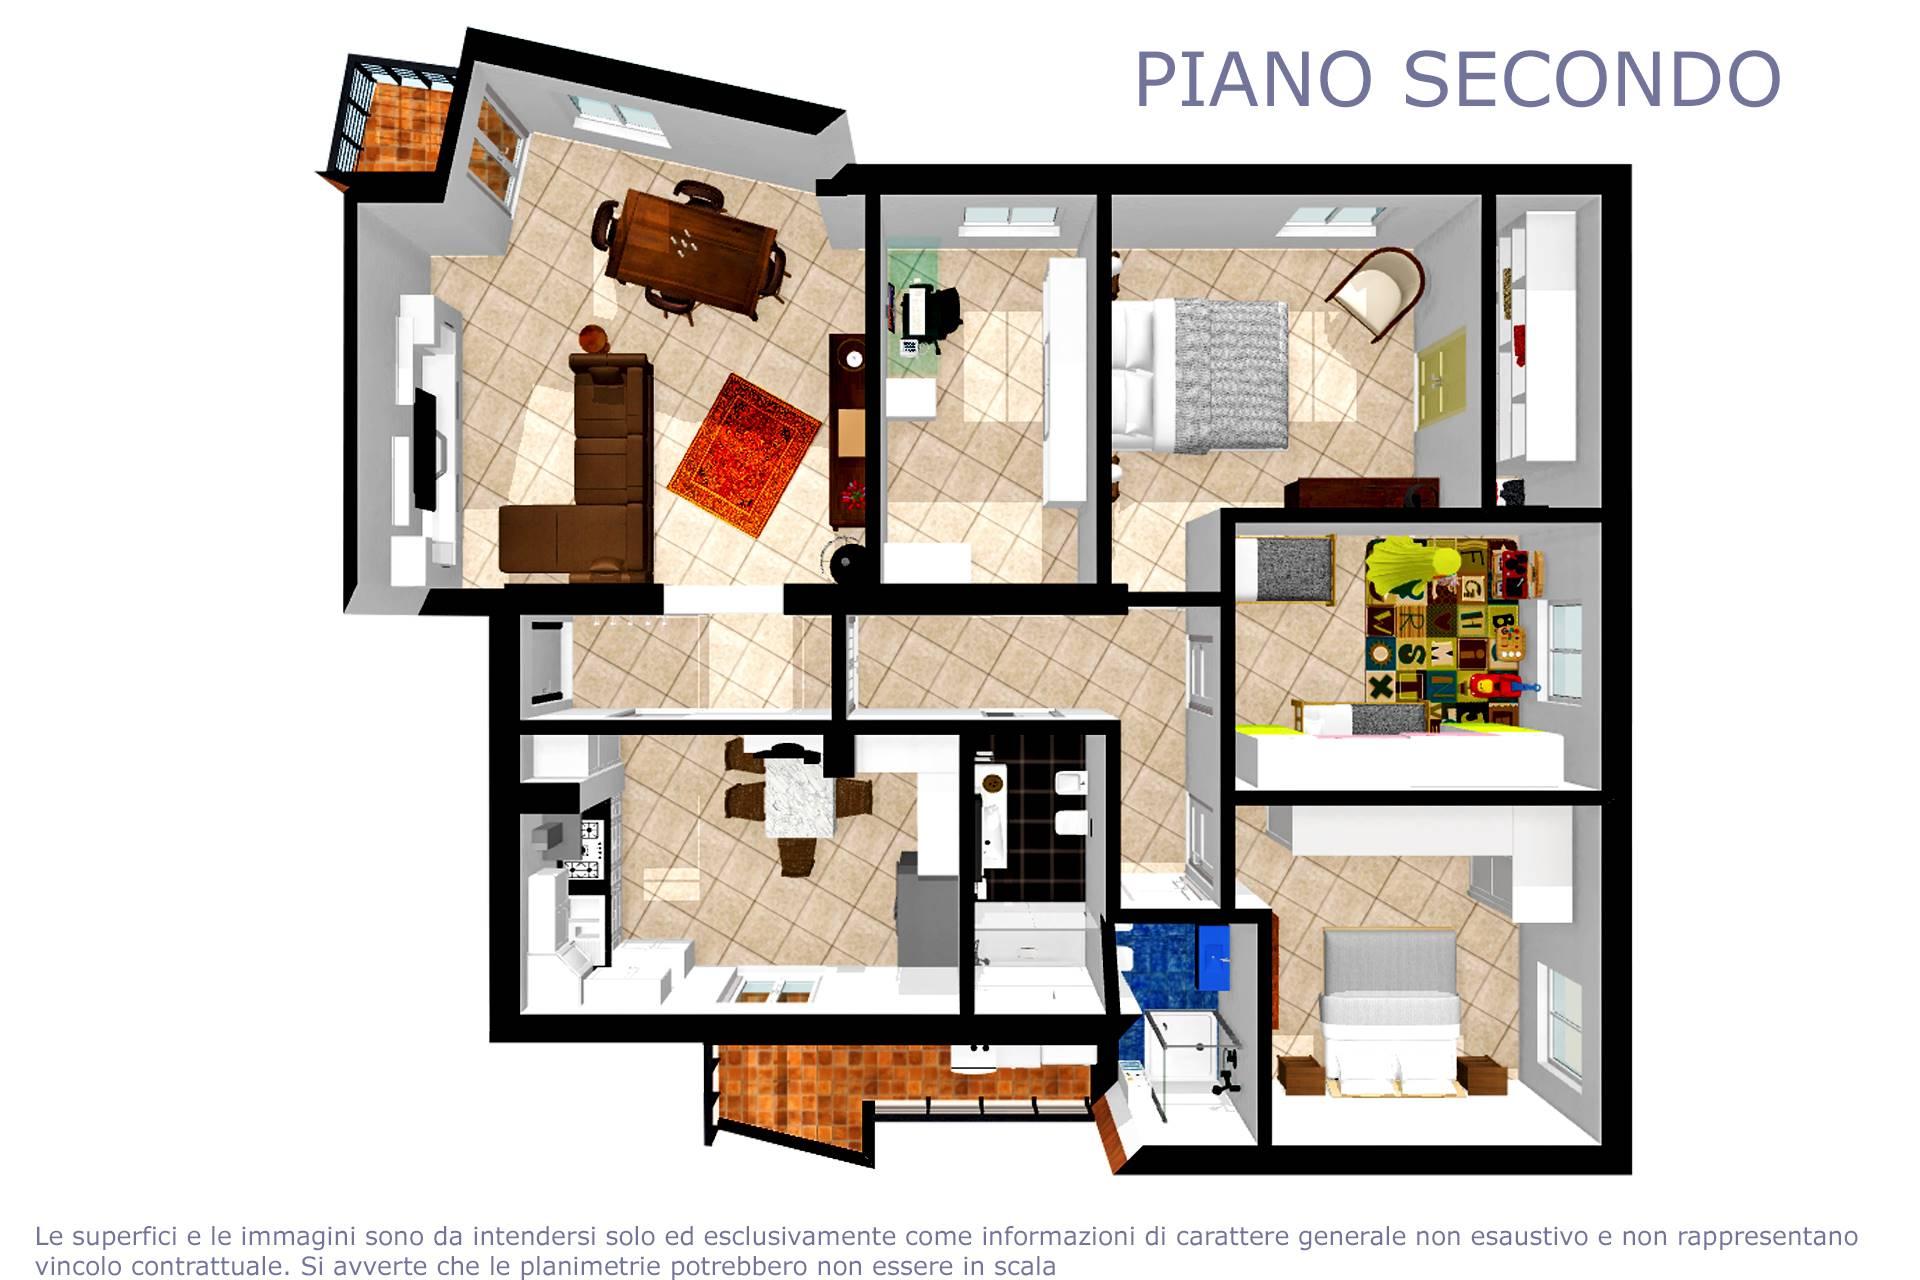 Planimetria arredata appartamento 2D